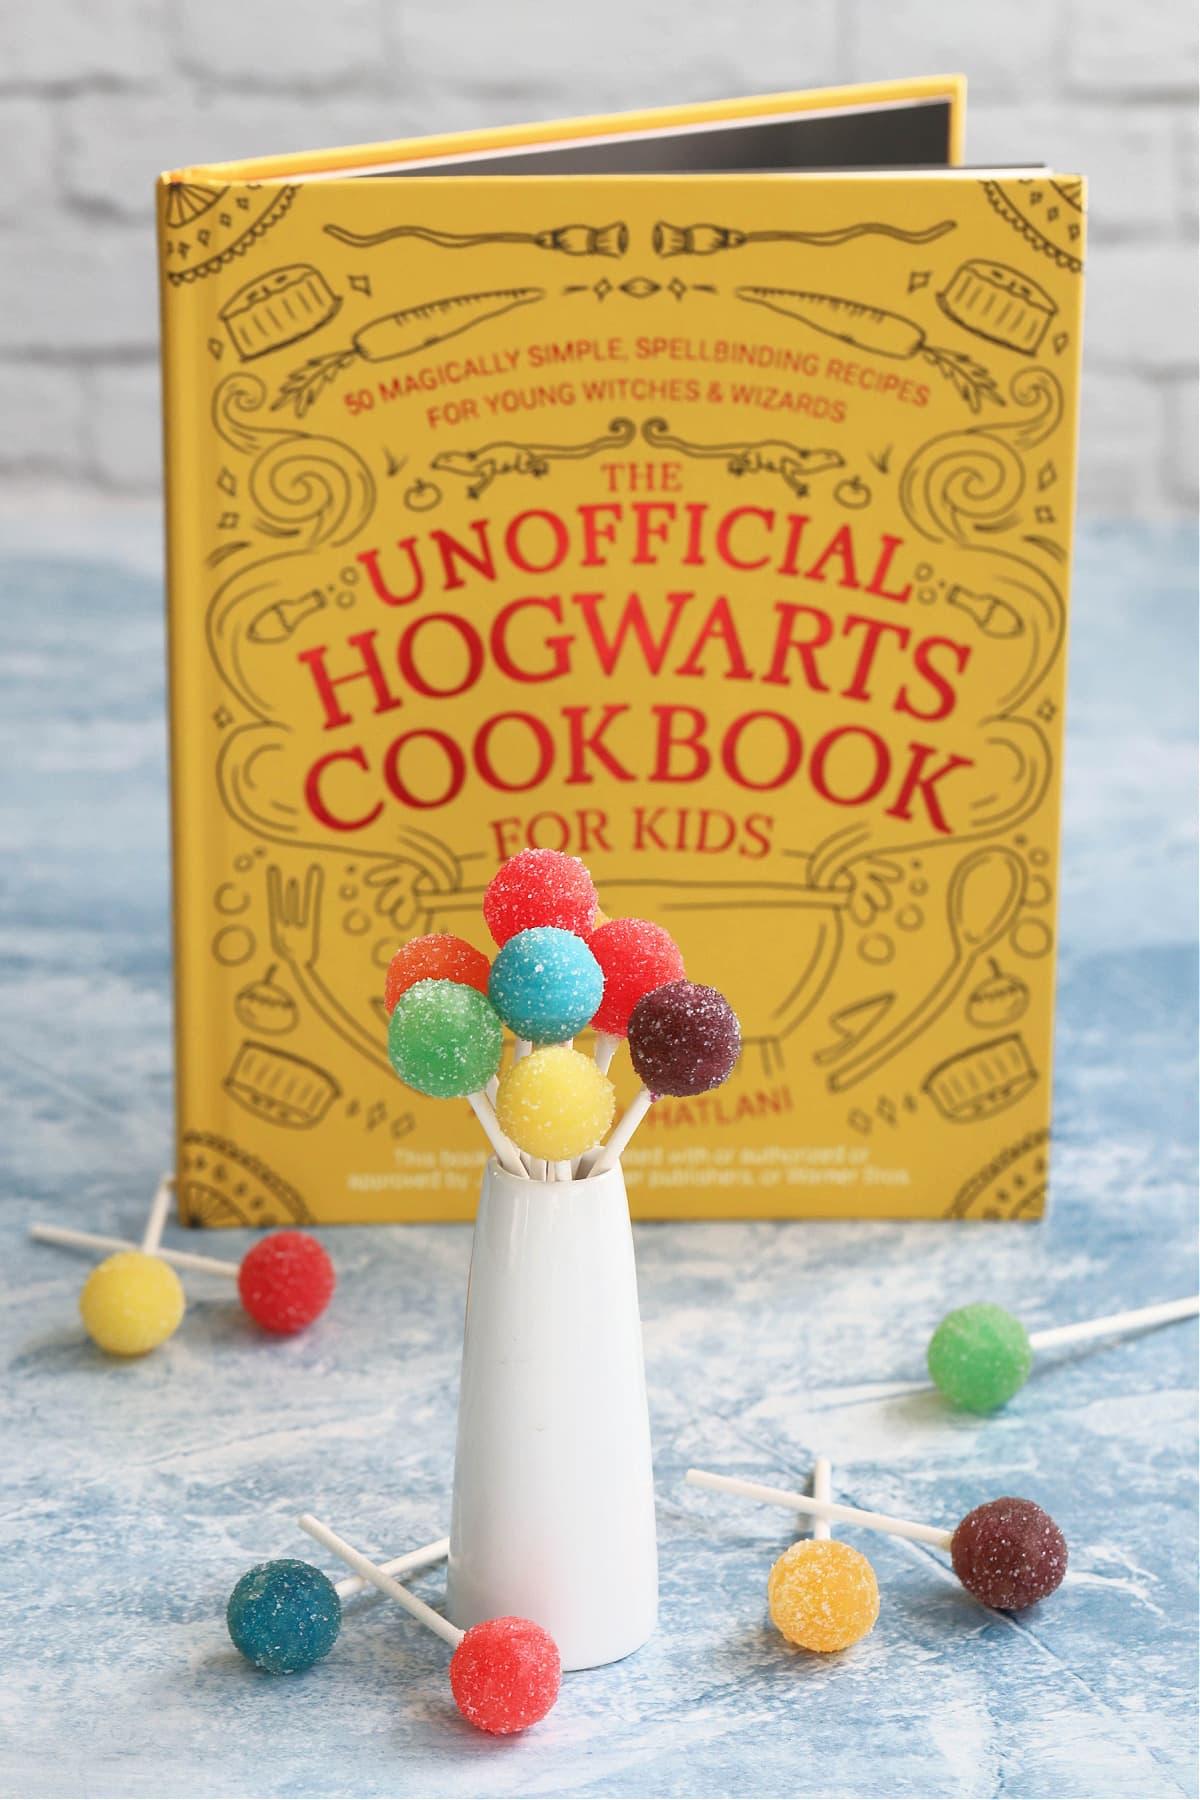 Harry Potter cookbook with acid pops